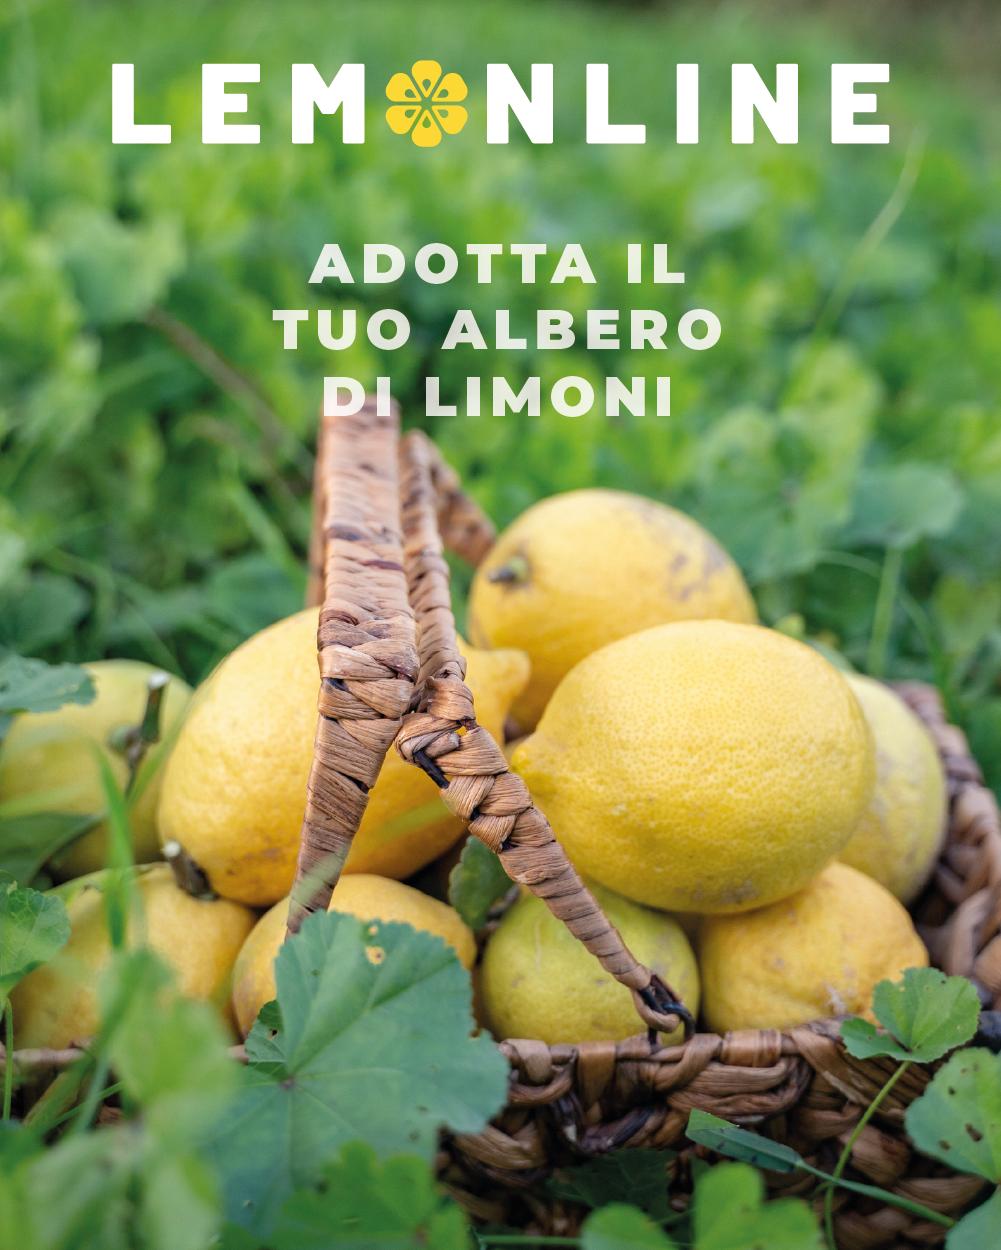 adotta un limone